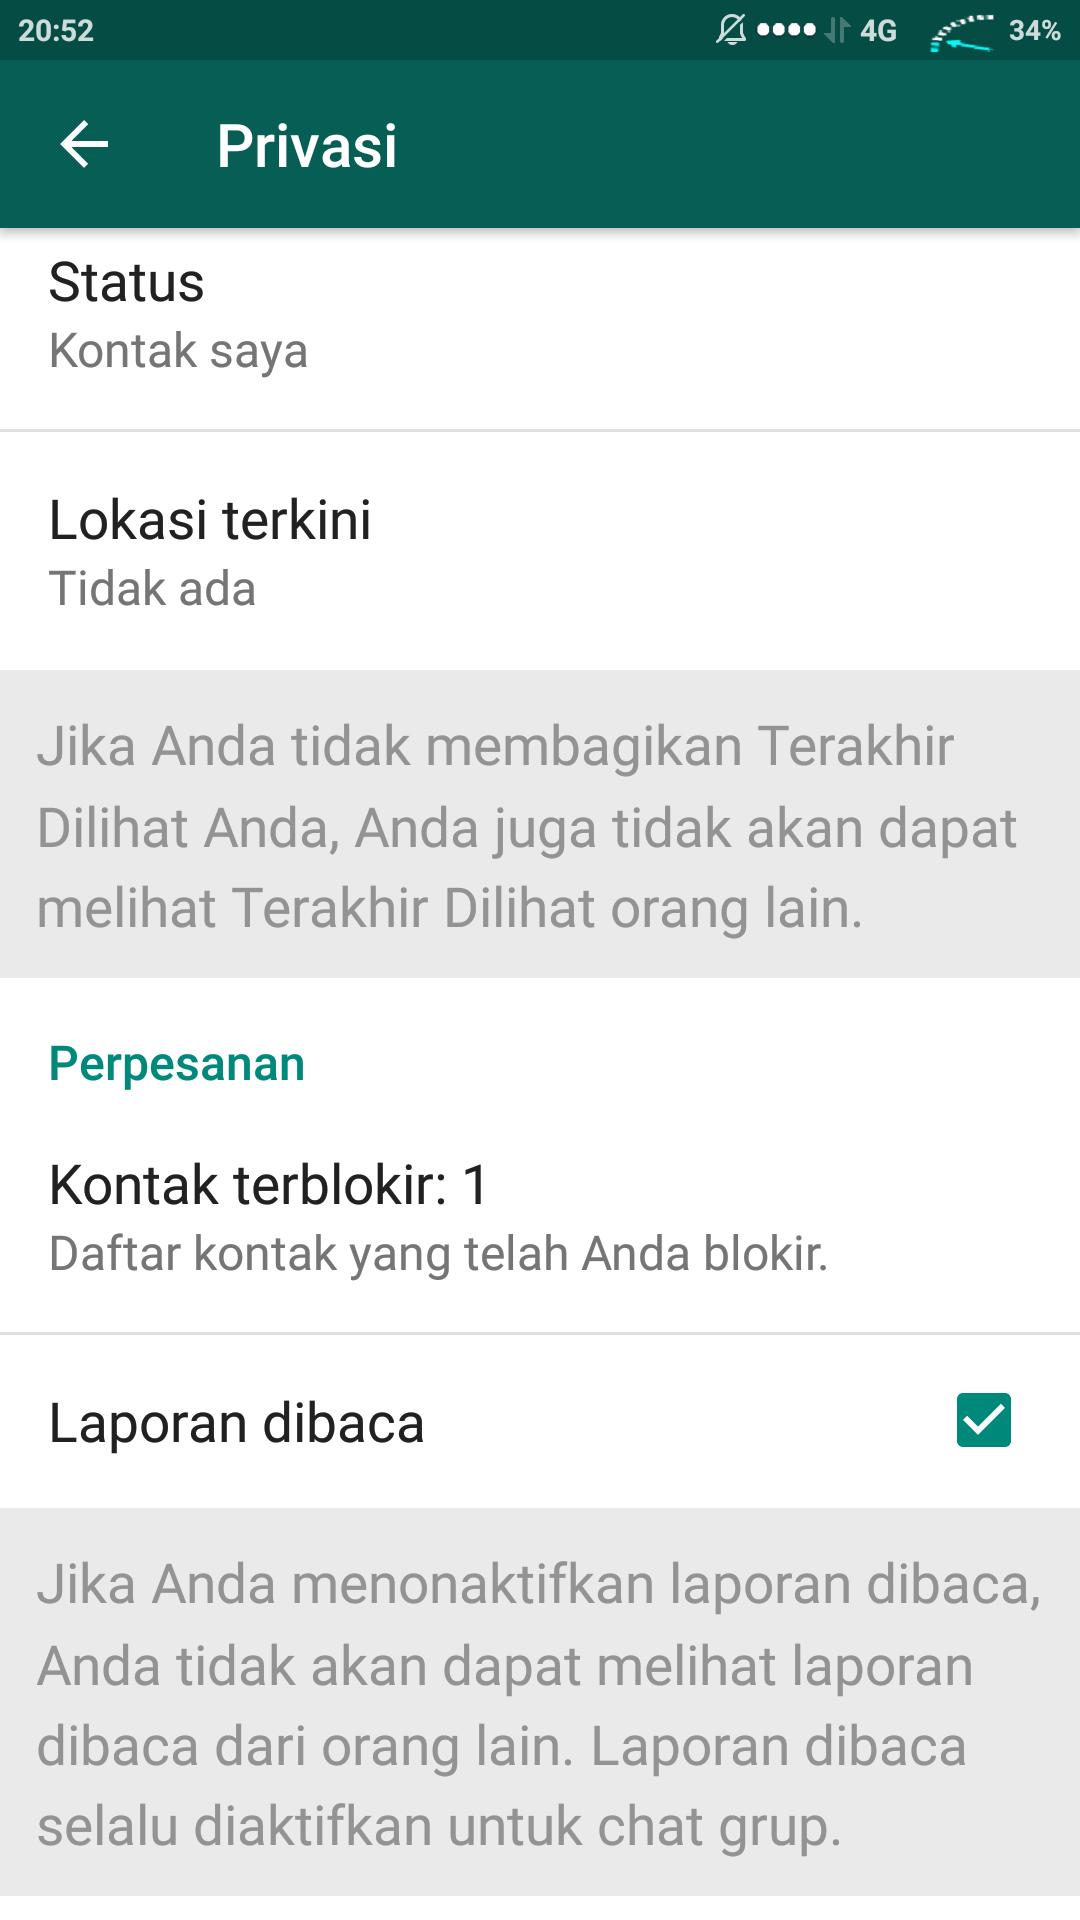 Supaya whatsapp tidak terlihat aktif